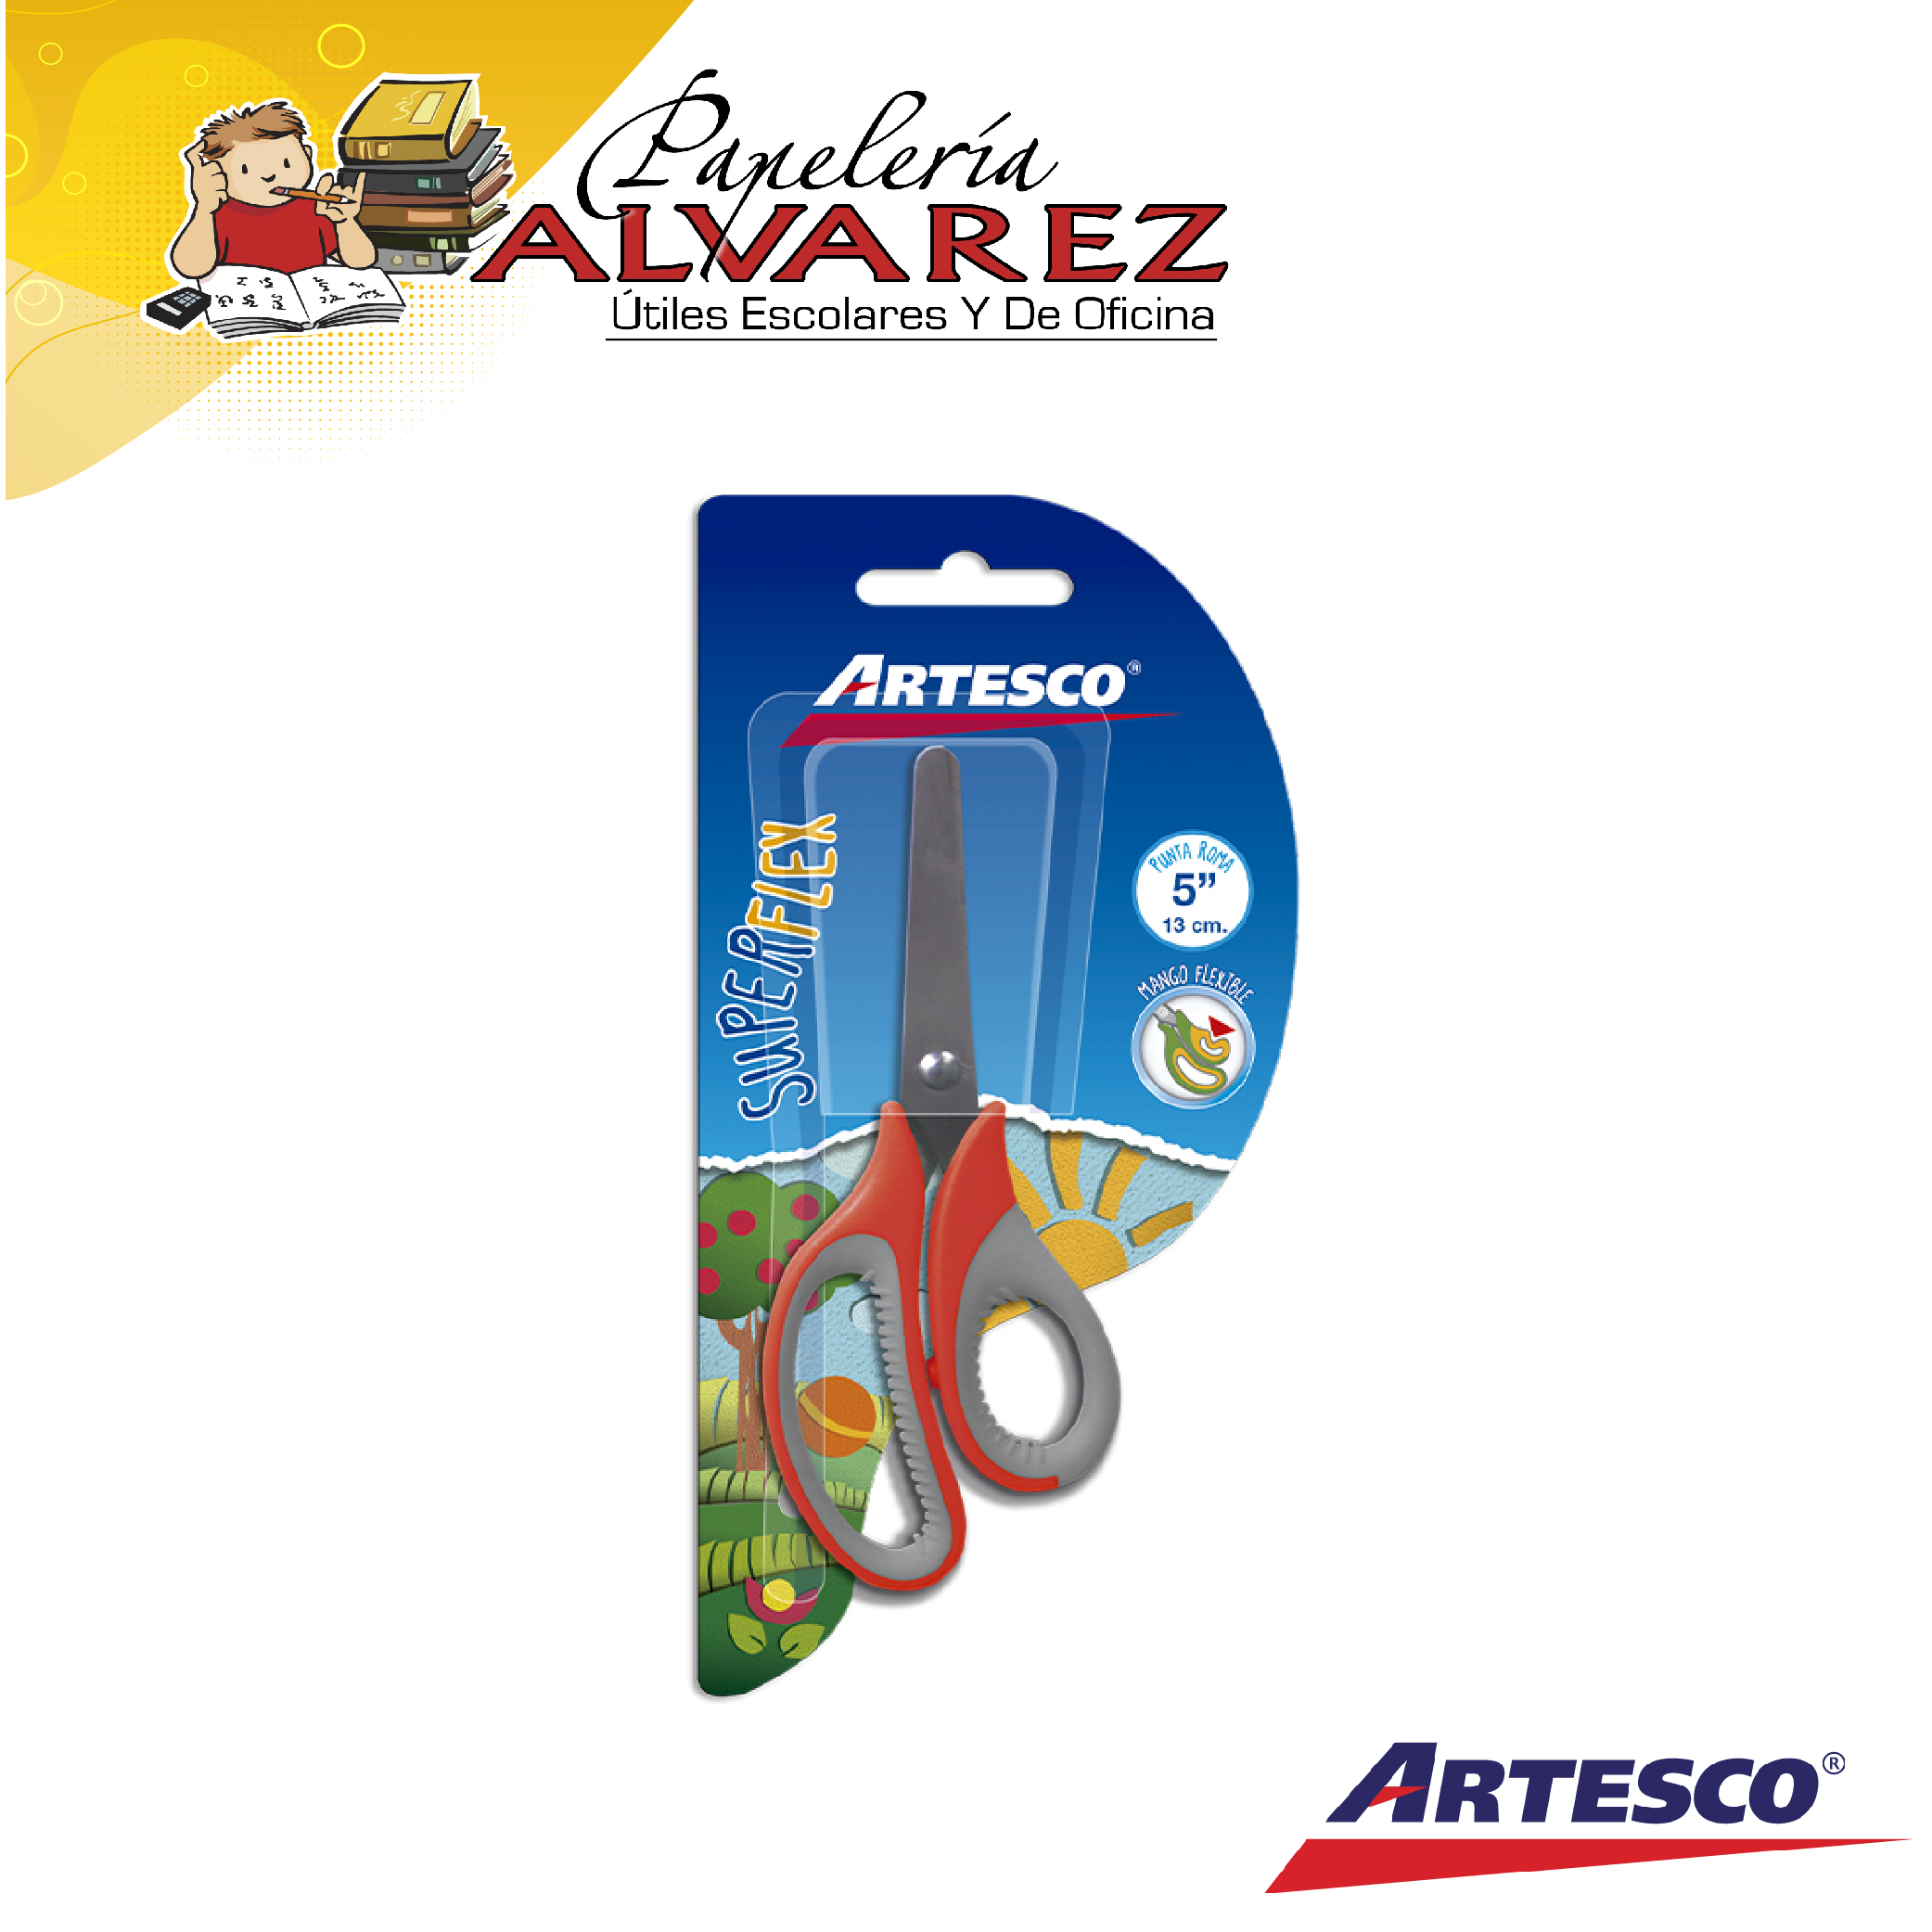 TIJERA ARTESCO SUPERFLEX 6.5